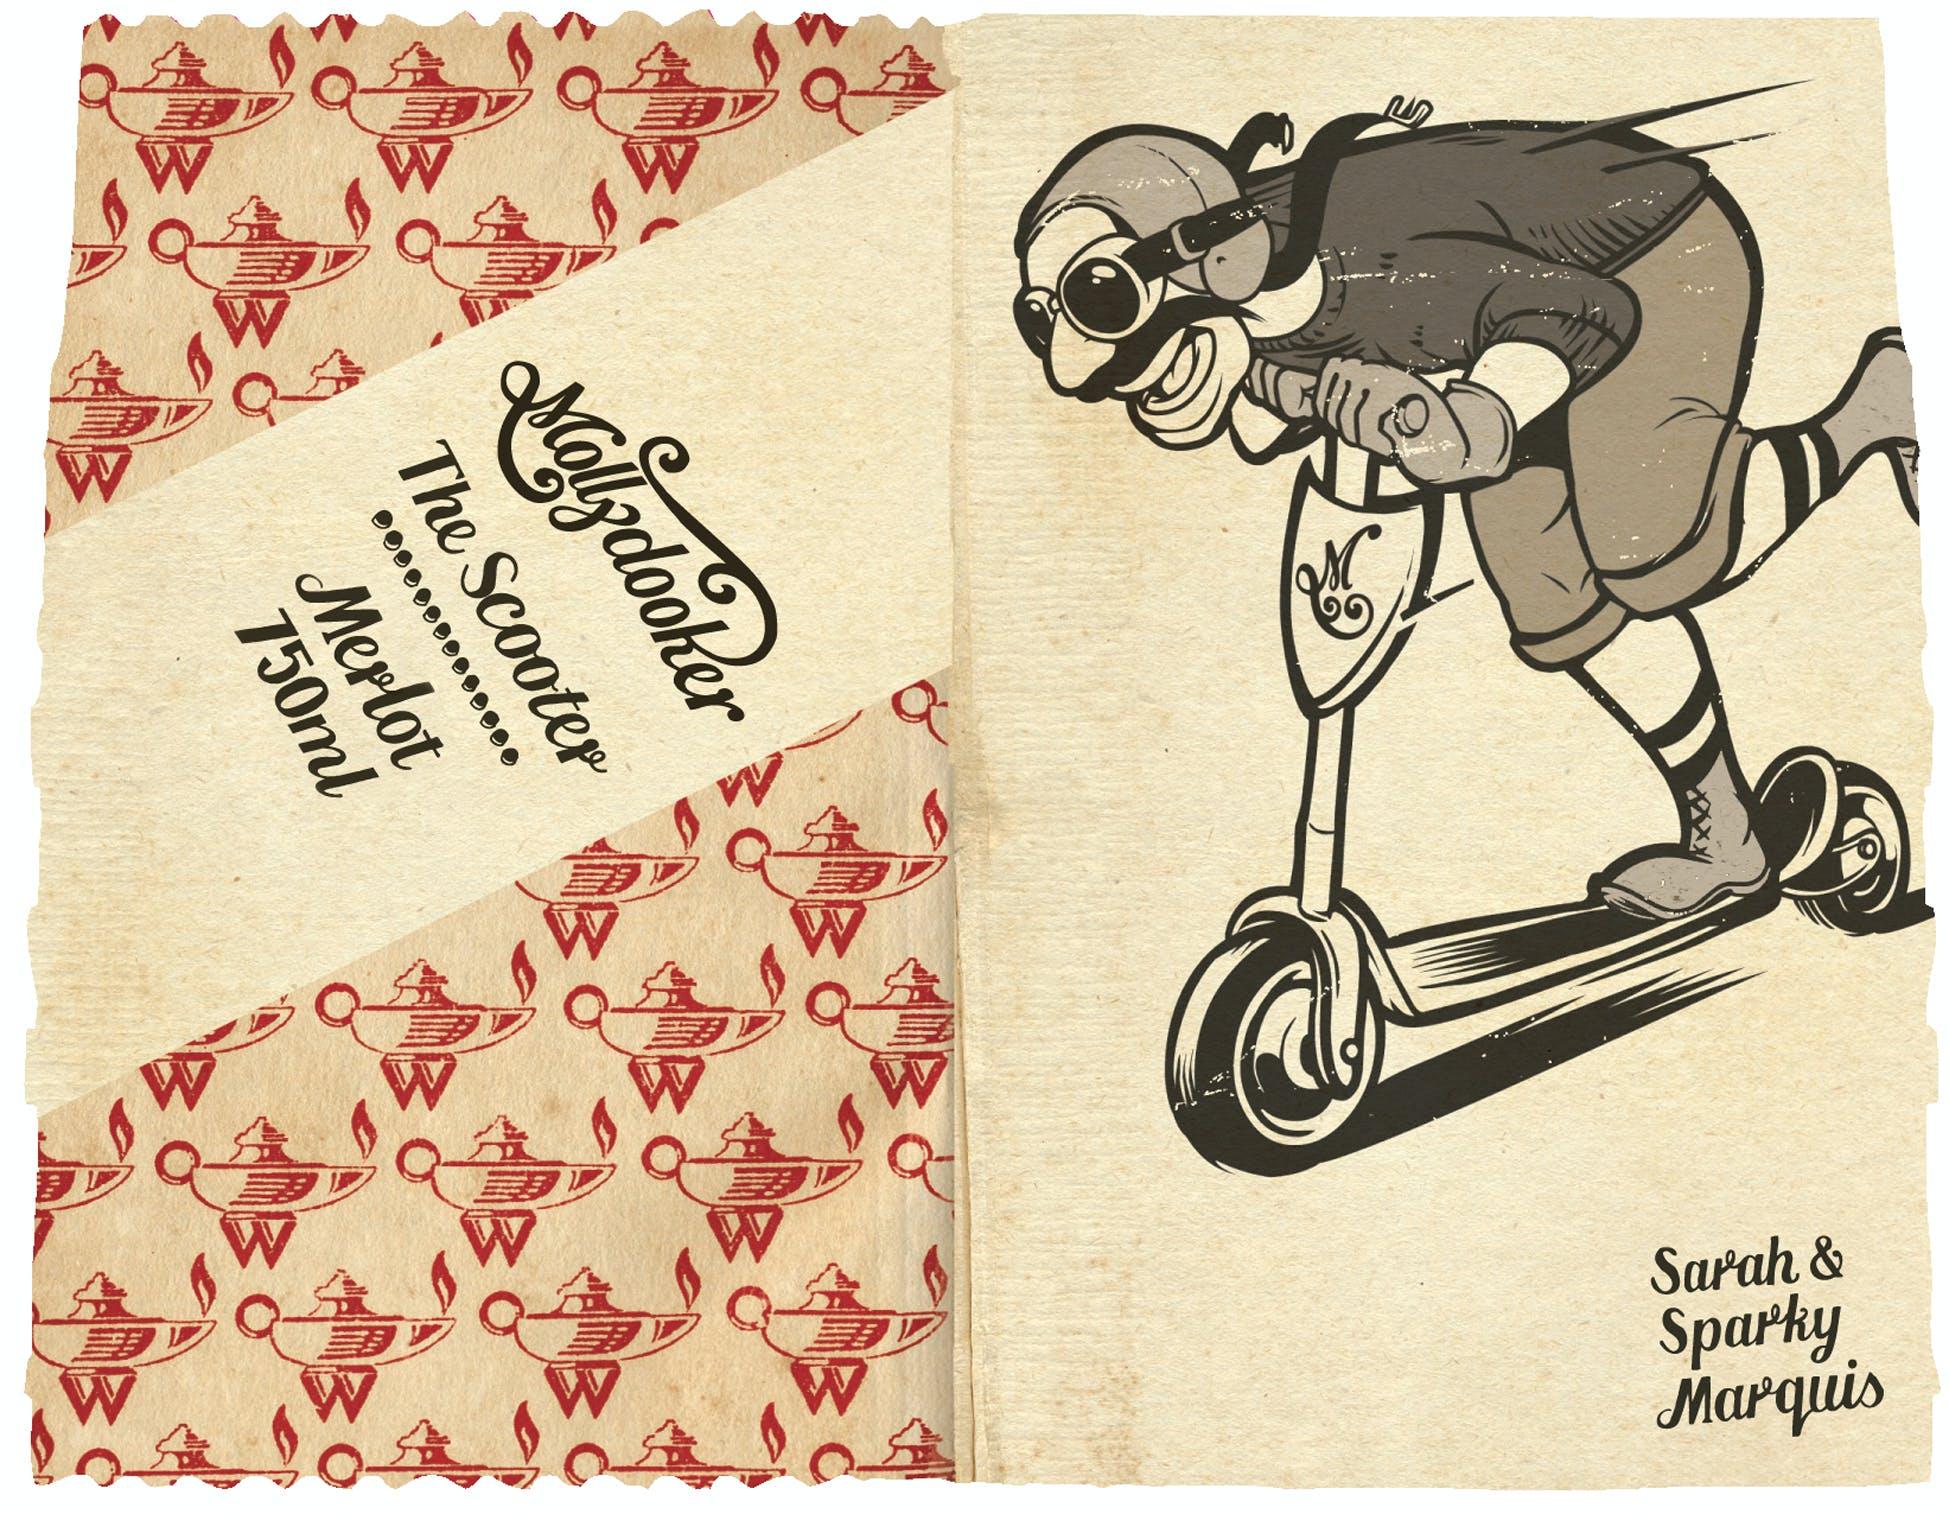 Mollydooker The Scooter Merlot & Franny Lew Wine u0026 Liquor pezcame.com